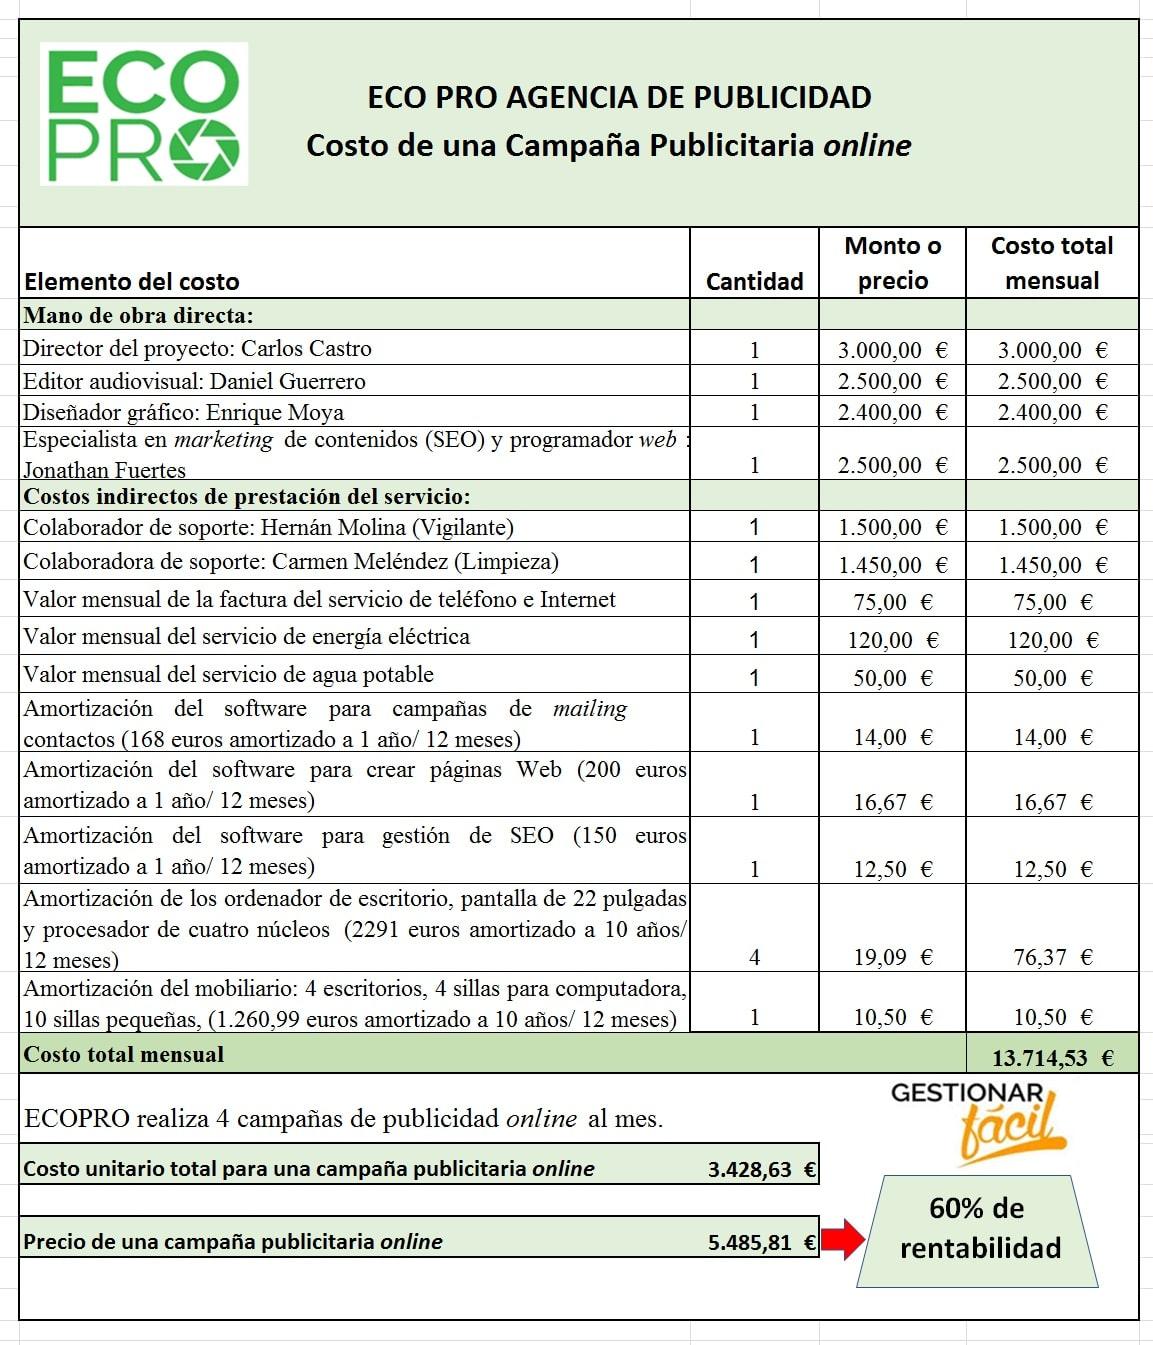 Estructura de costos para las campañas publicitarias online de la empresa ECOPRO.